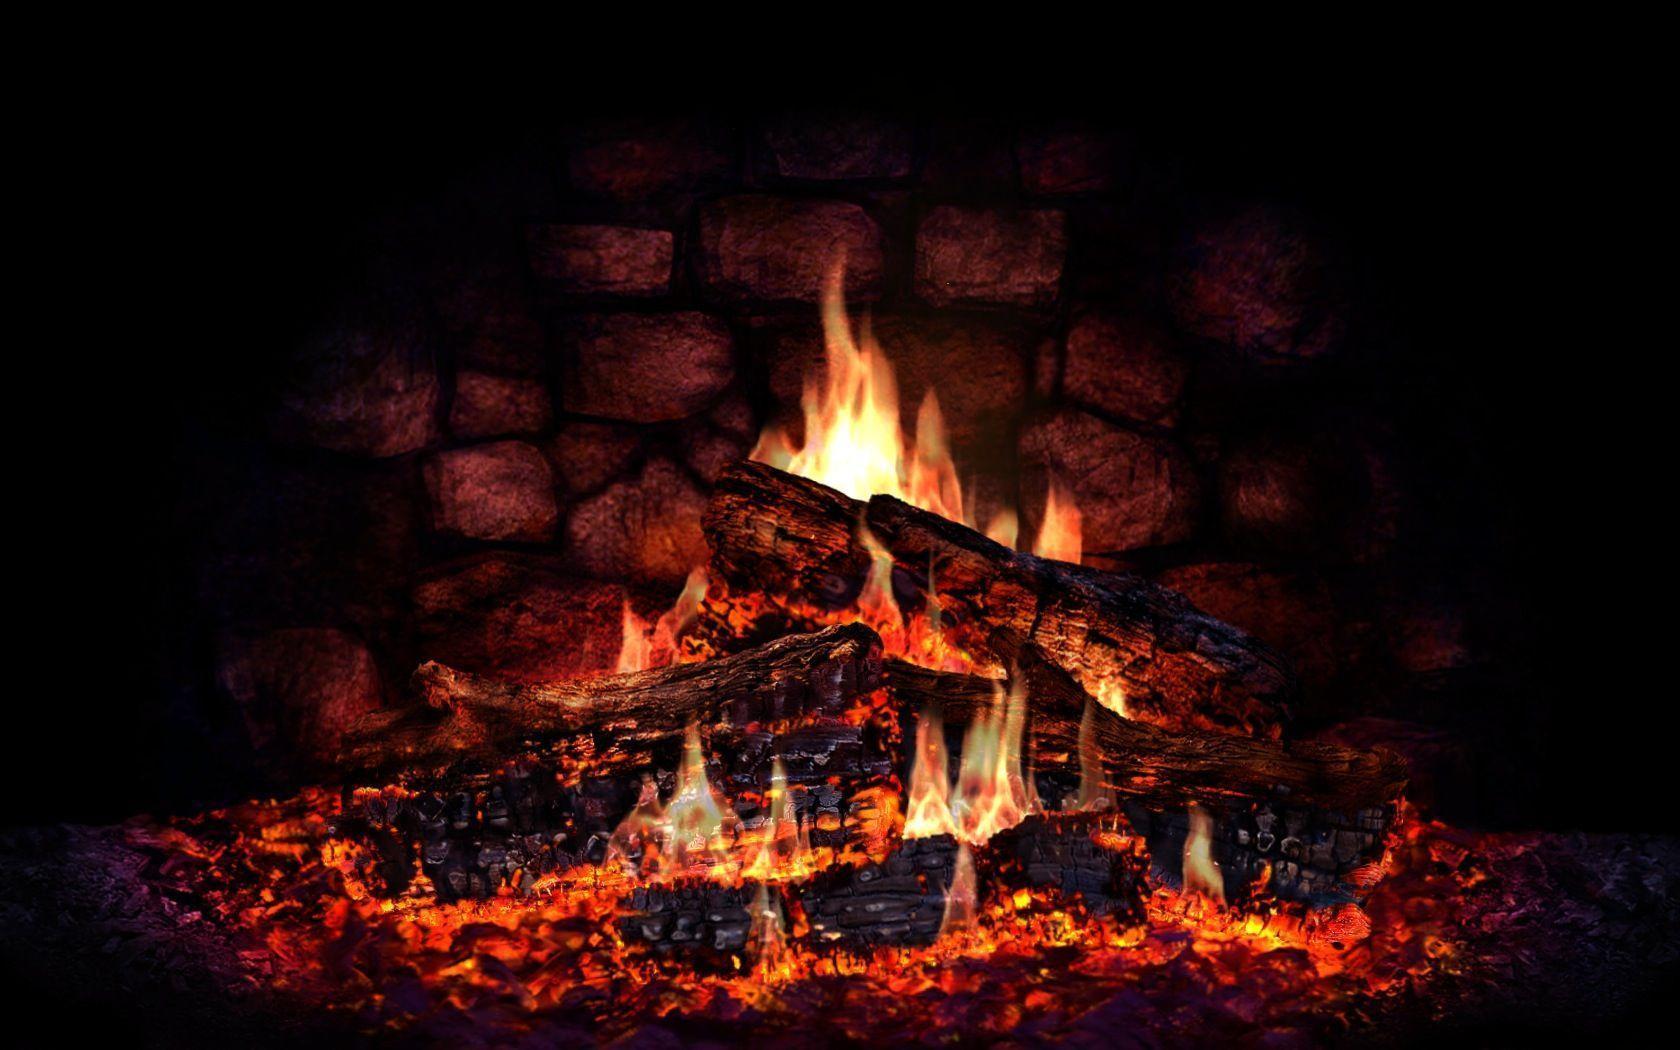 Почему горят дрова в камине и почему сырые дрова горят хуже